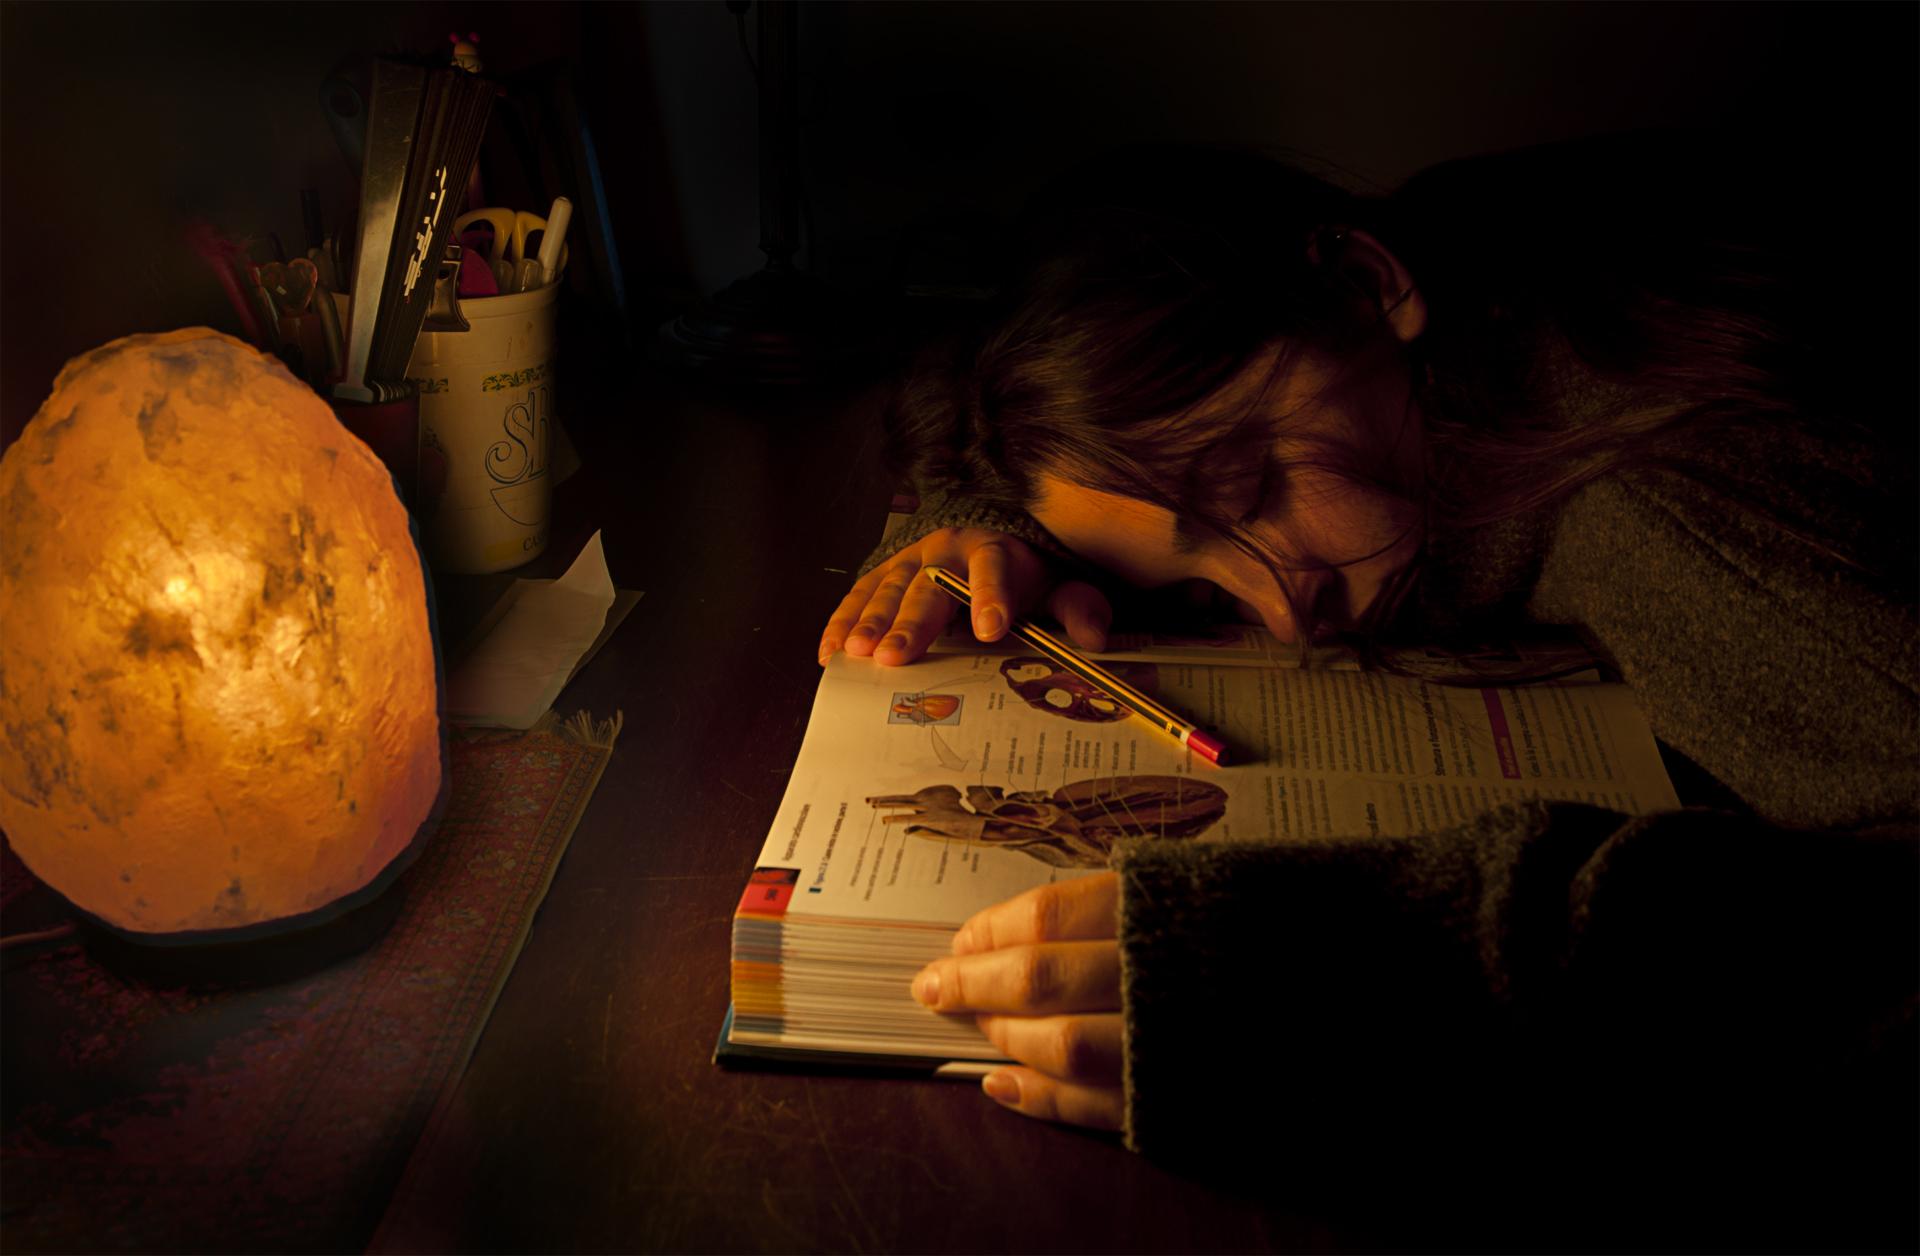 OTTAVA CLASS  – Una scena che ricorda la lettura del libro Cuore, in chiave moderna, ma in prima battuta viene in mente il sentimento del libro, anche se ancora non esistevano, da noi, le lampade di sale. Lo scatto è rispettato nella forma e nel significa